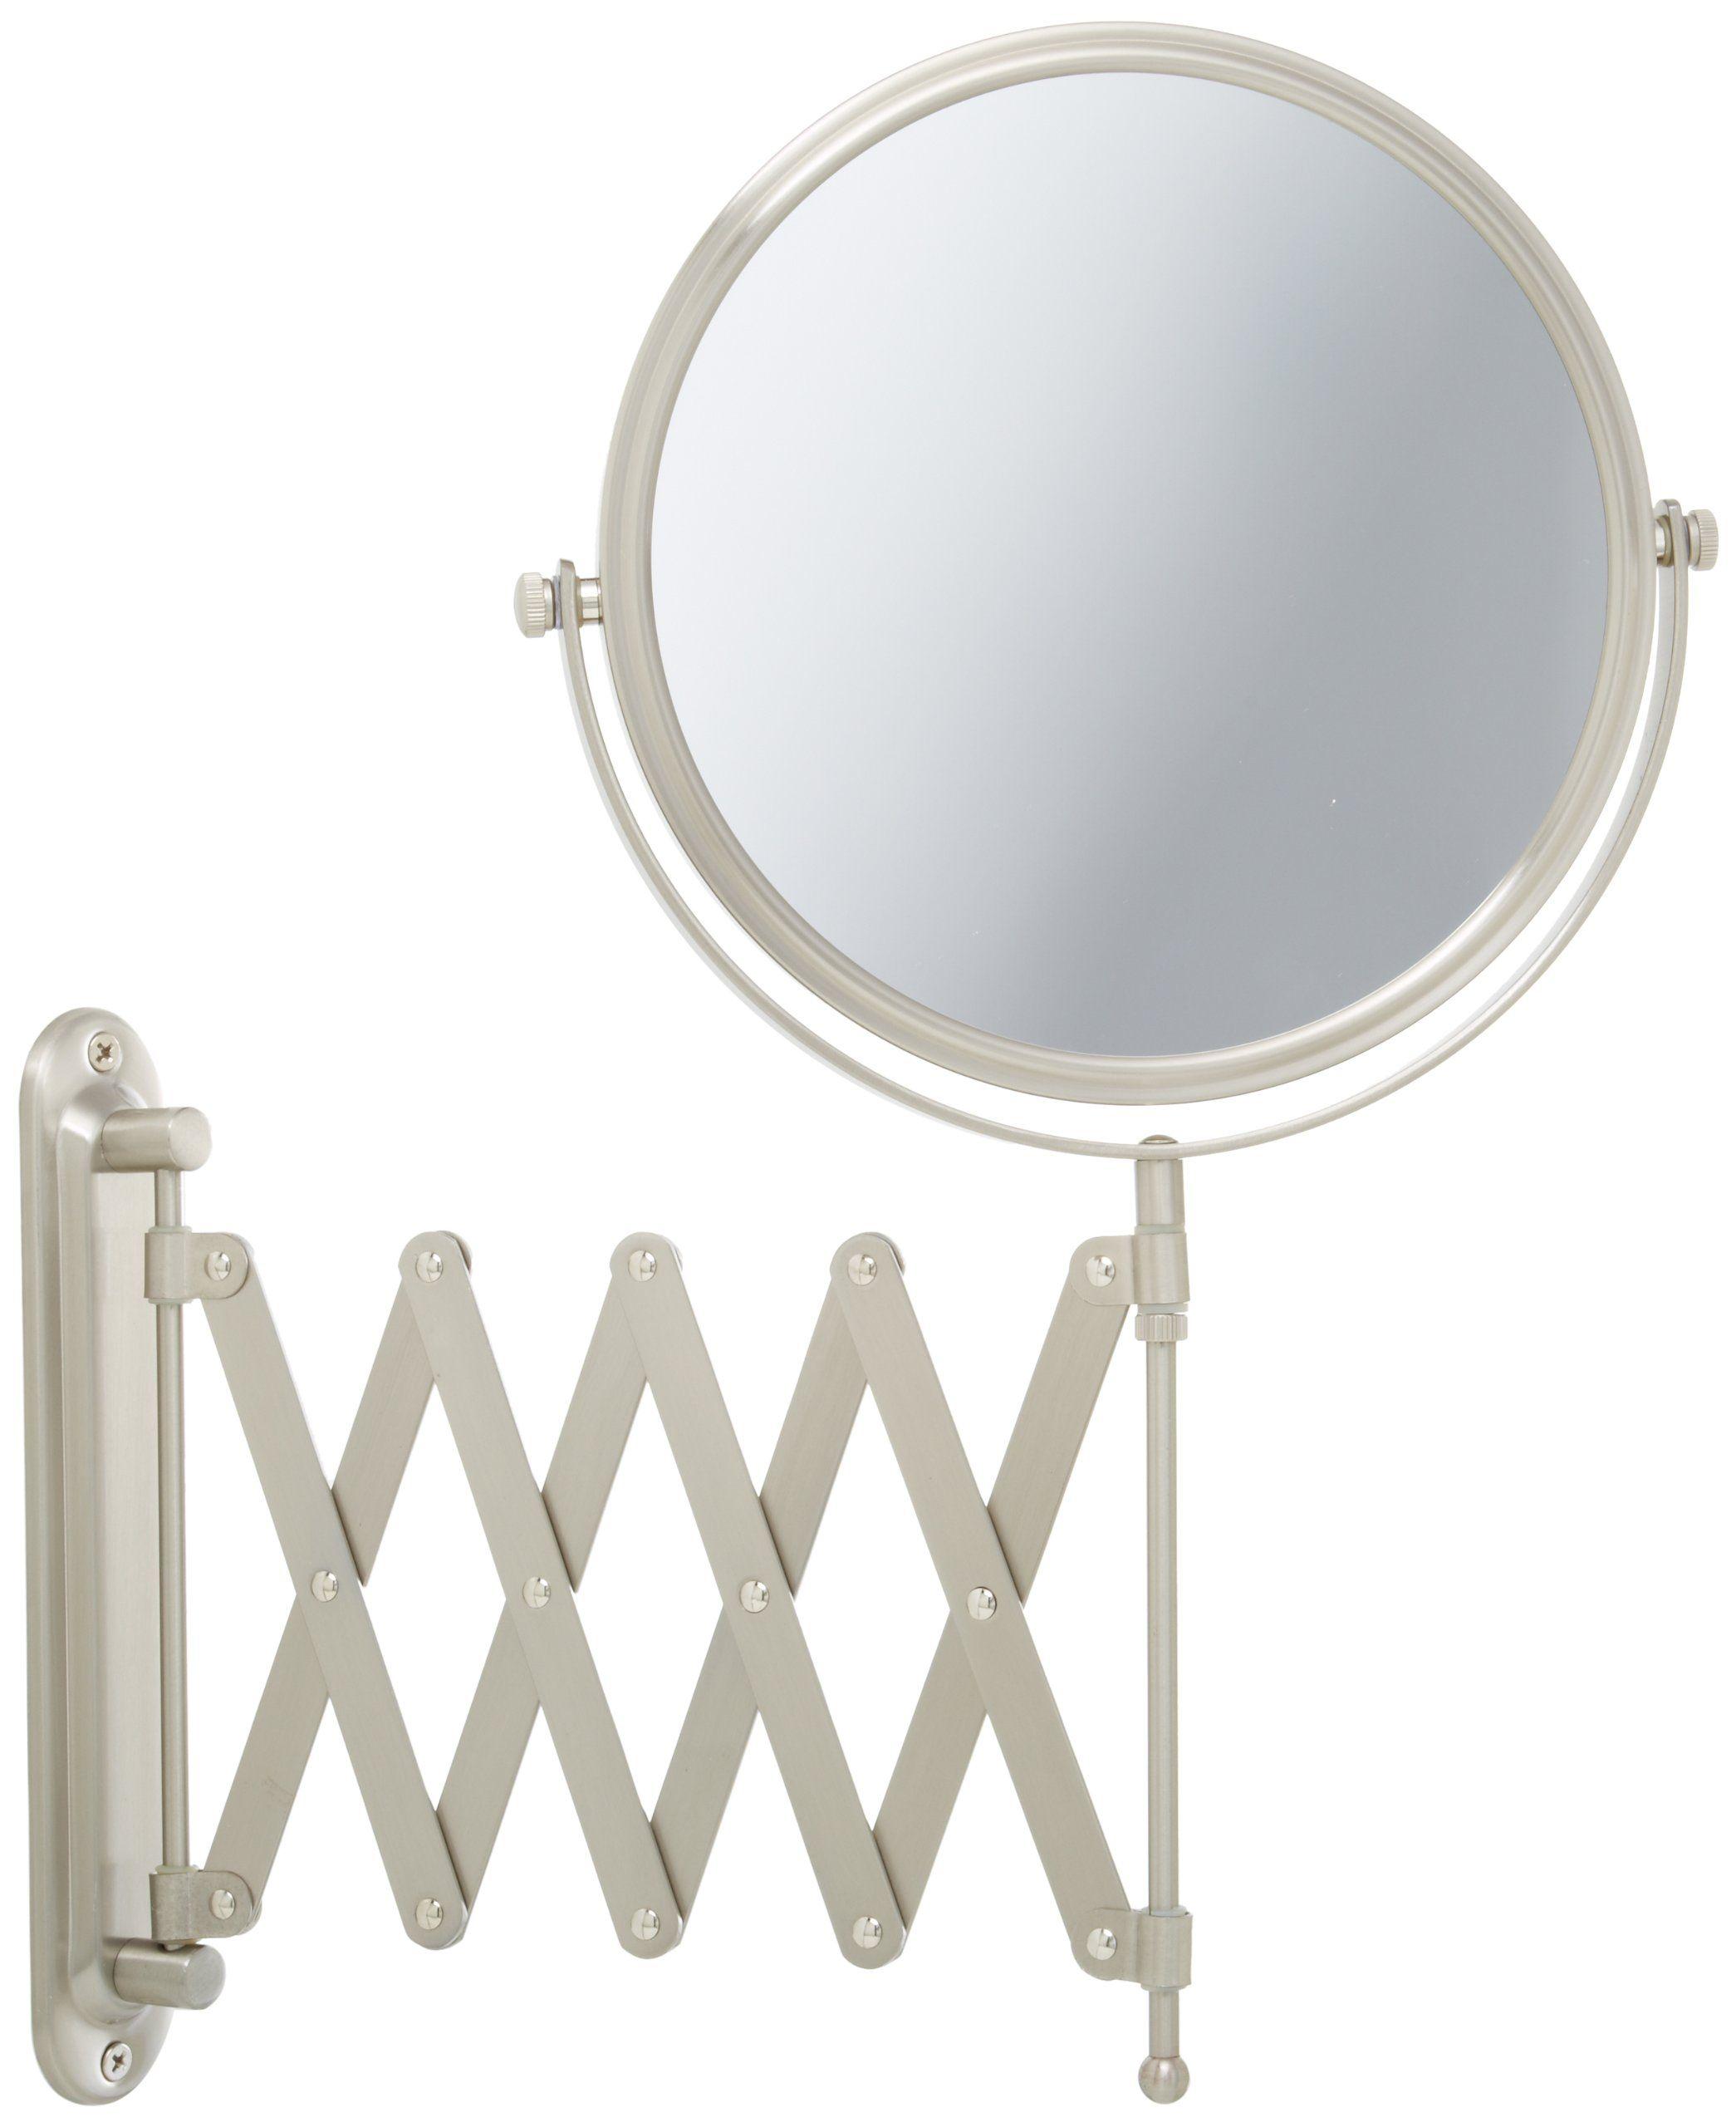 Jerdon Jp2027n 8 Inch Two Sided Swivel Wall Mount Mirror